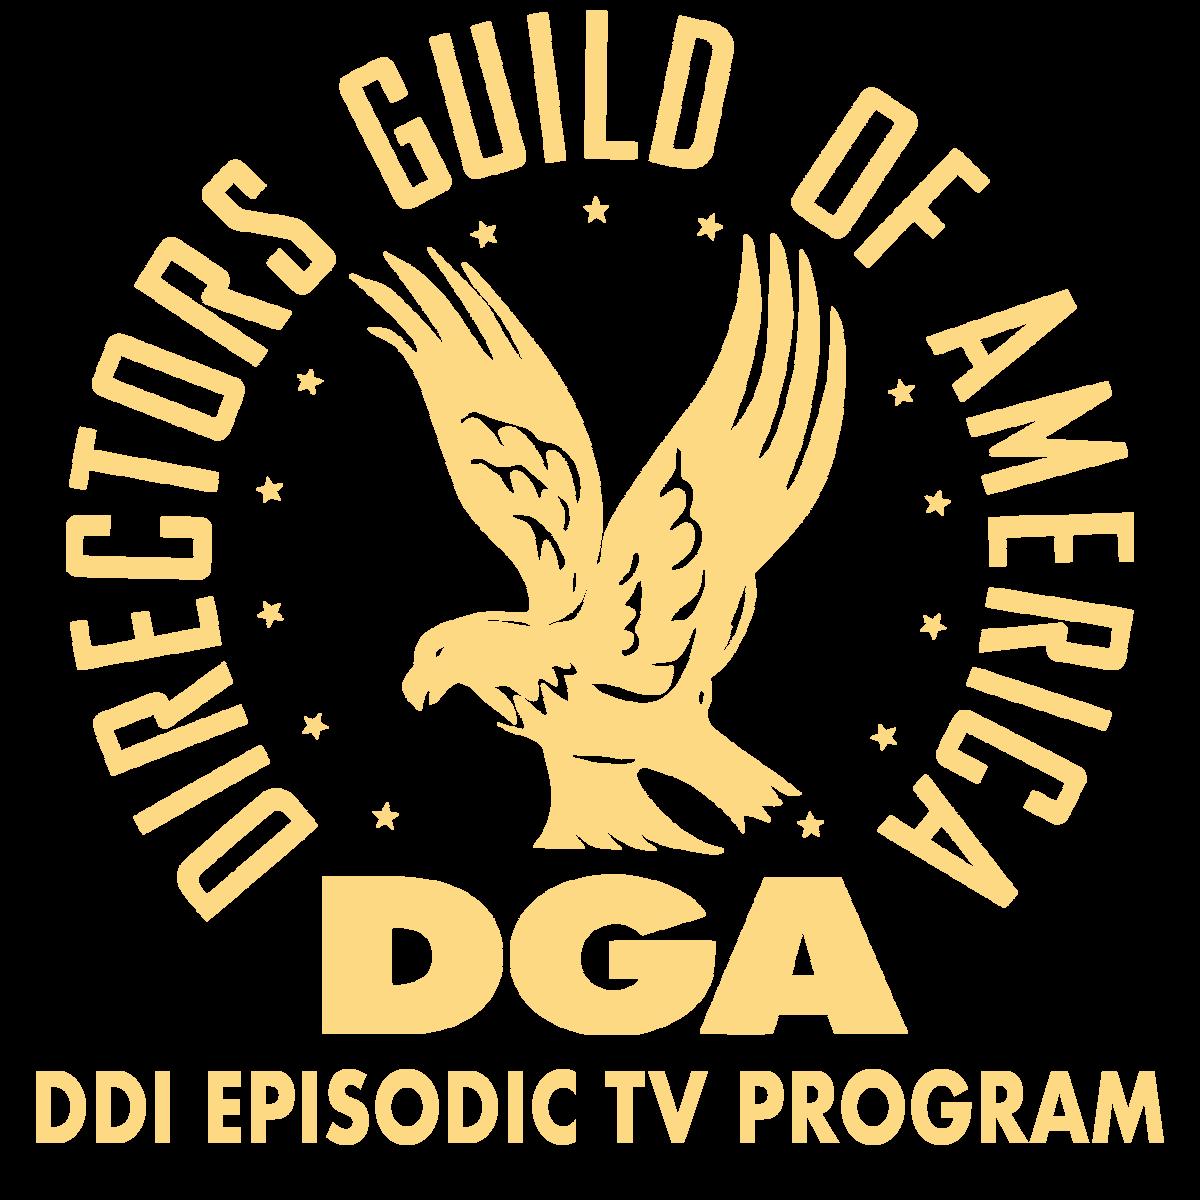 DGA_DDI_Award-Gold